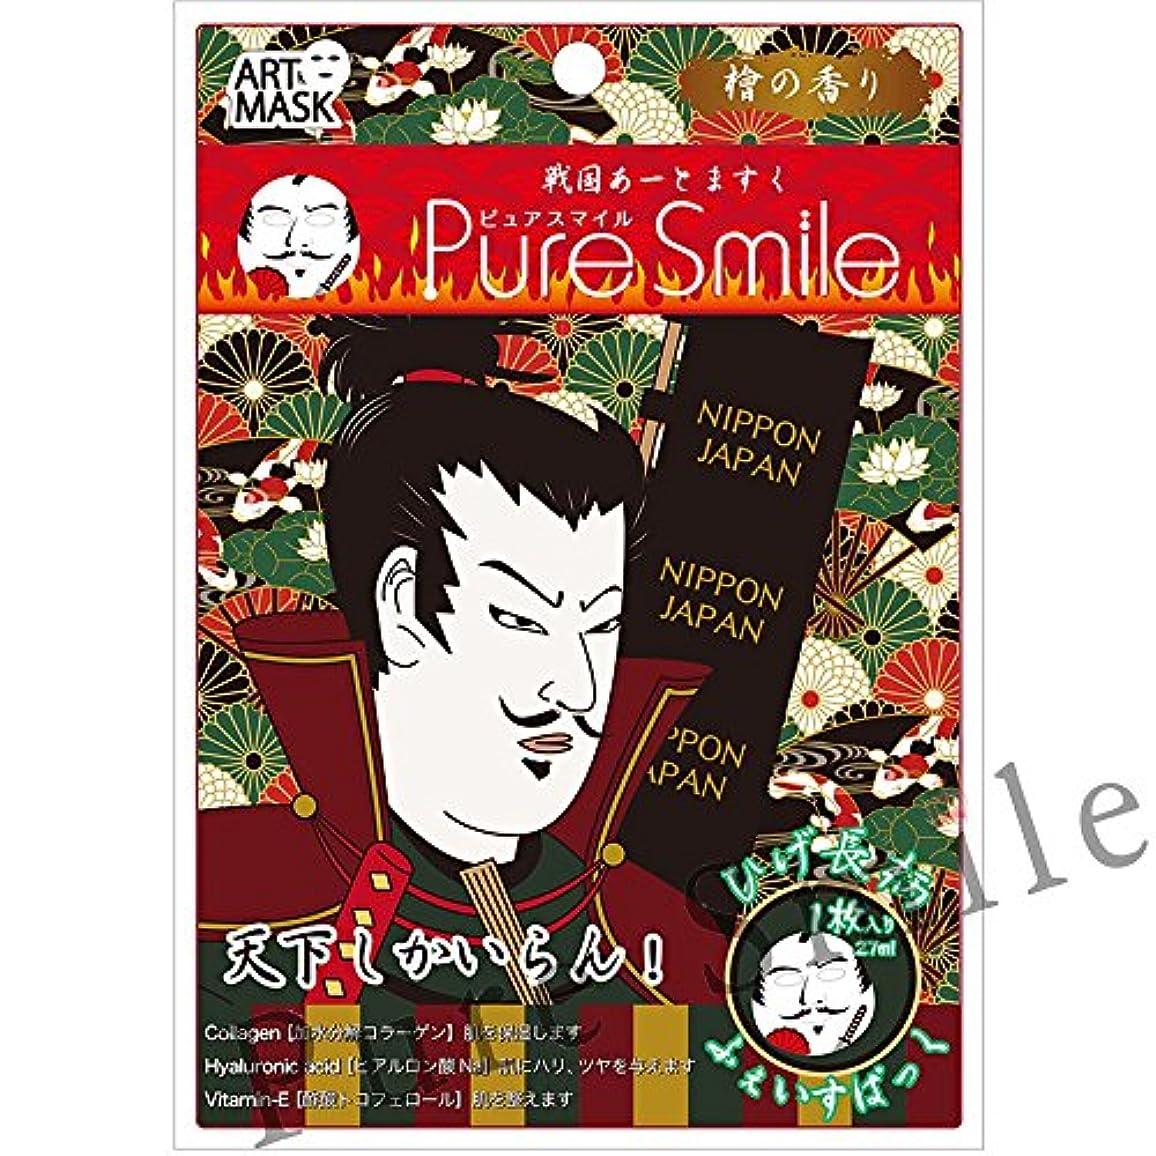 方程式意外快いPure Smile(ピュアスマイル) フェイスマスク/アートマスク『戦国アートマスク』(ひげ長/檜の香り)